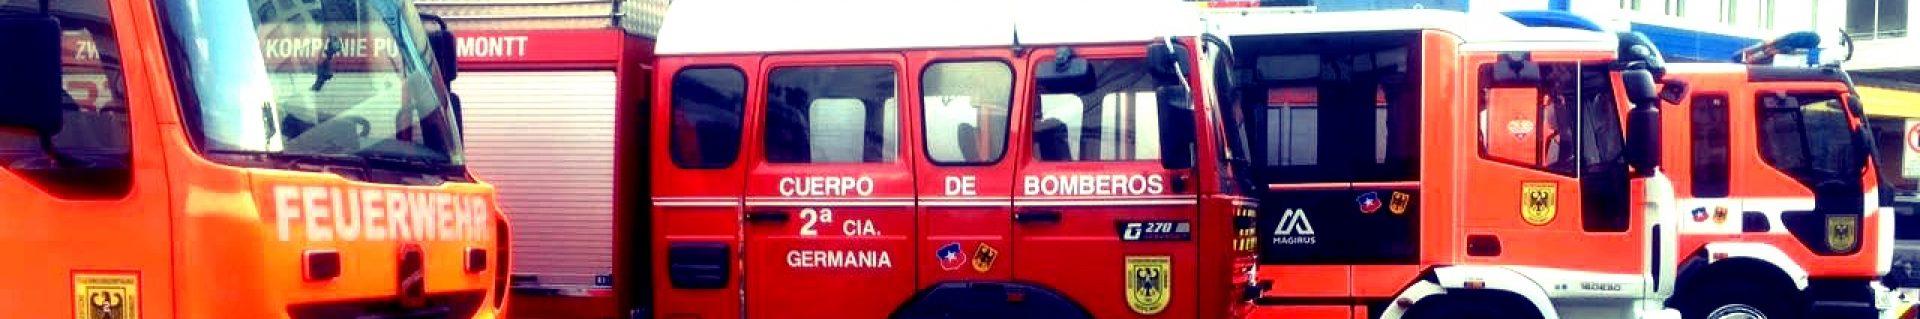 """Segunda Compañía de Bomberos """"GERMANÍA"""" de Puerto Montt"""